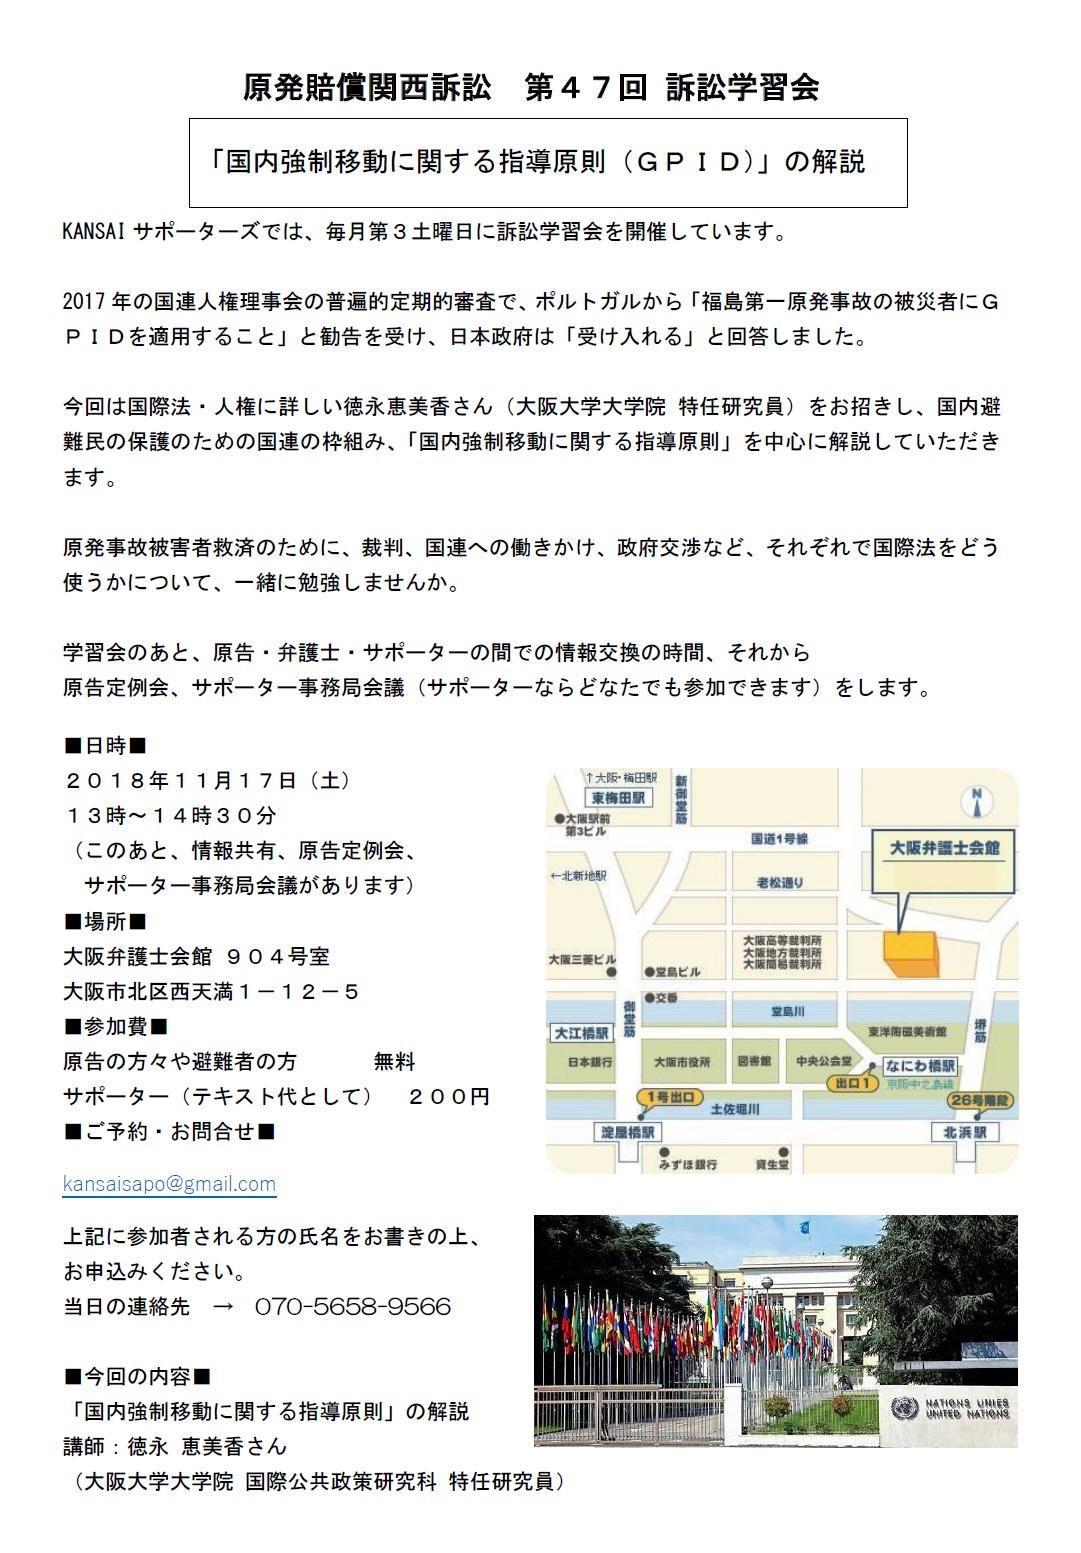 【ご案内】原発賠償関西訴訟 第47回 訴訟学習会(11月27日13時~)_e0391248_00574112.jpg